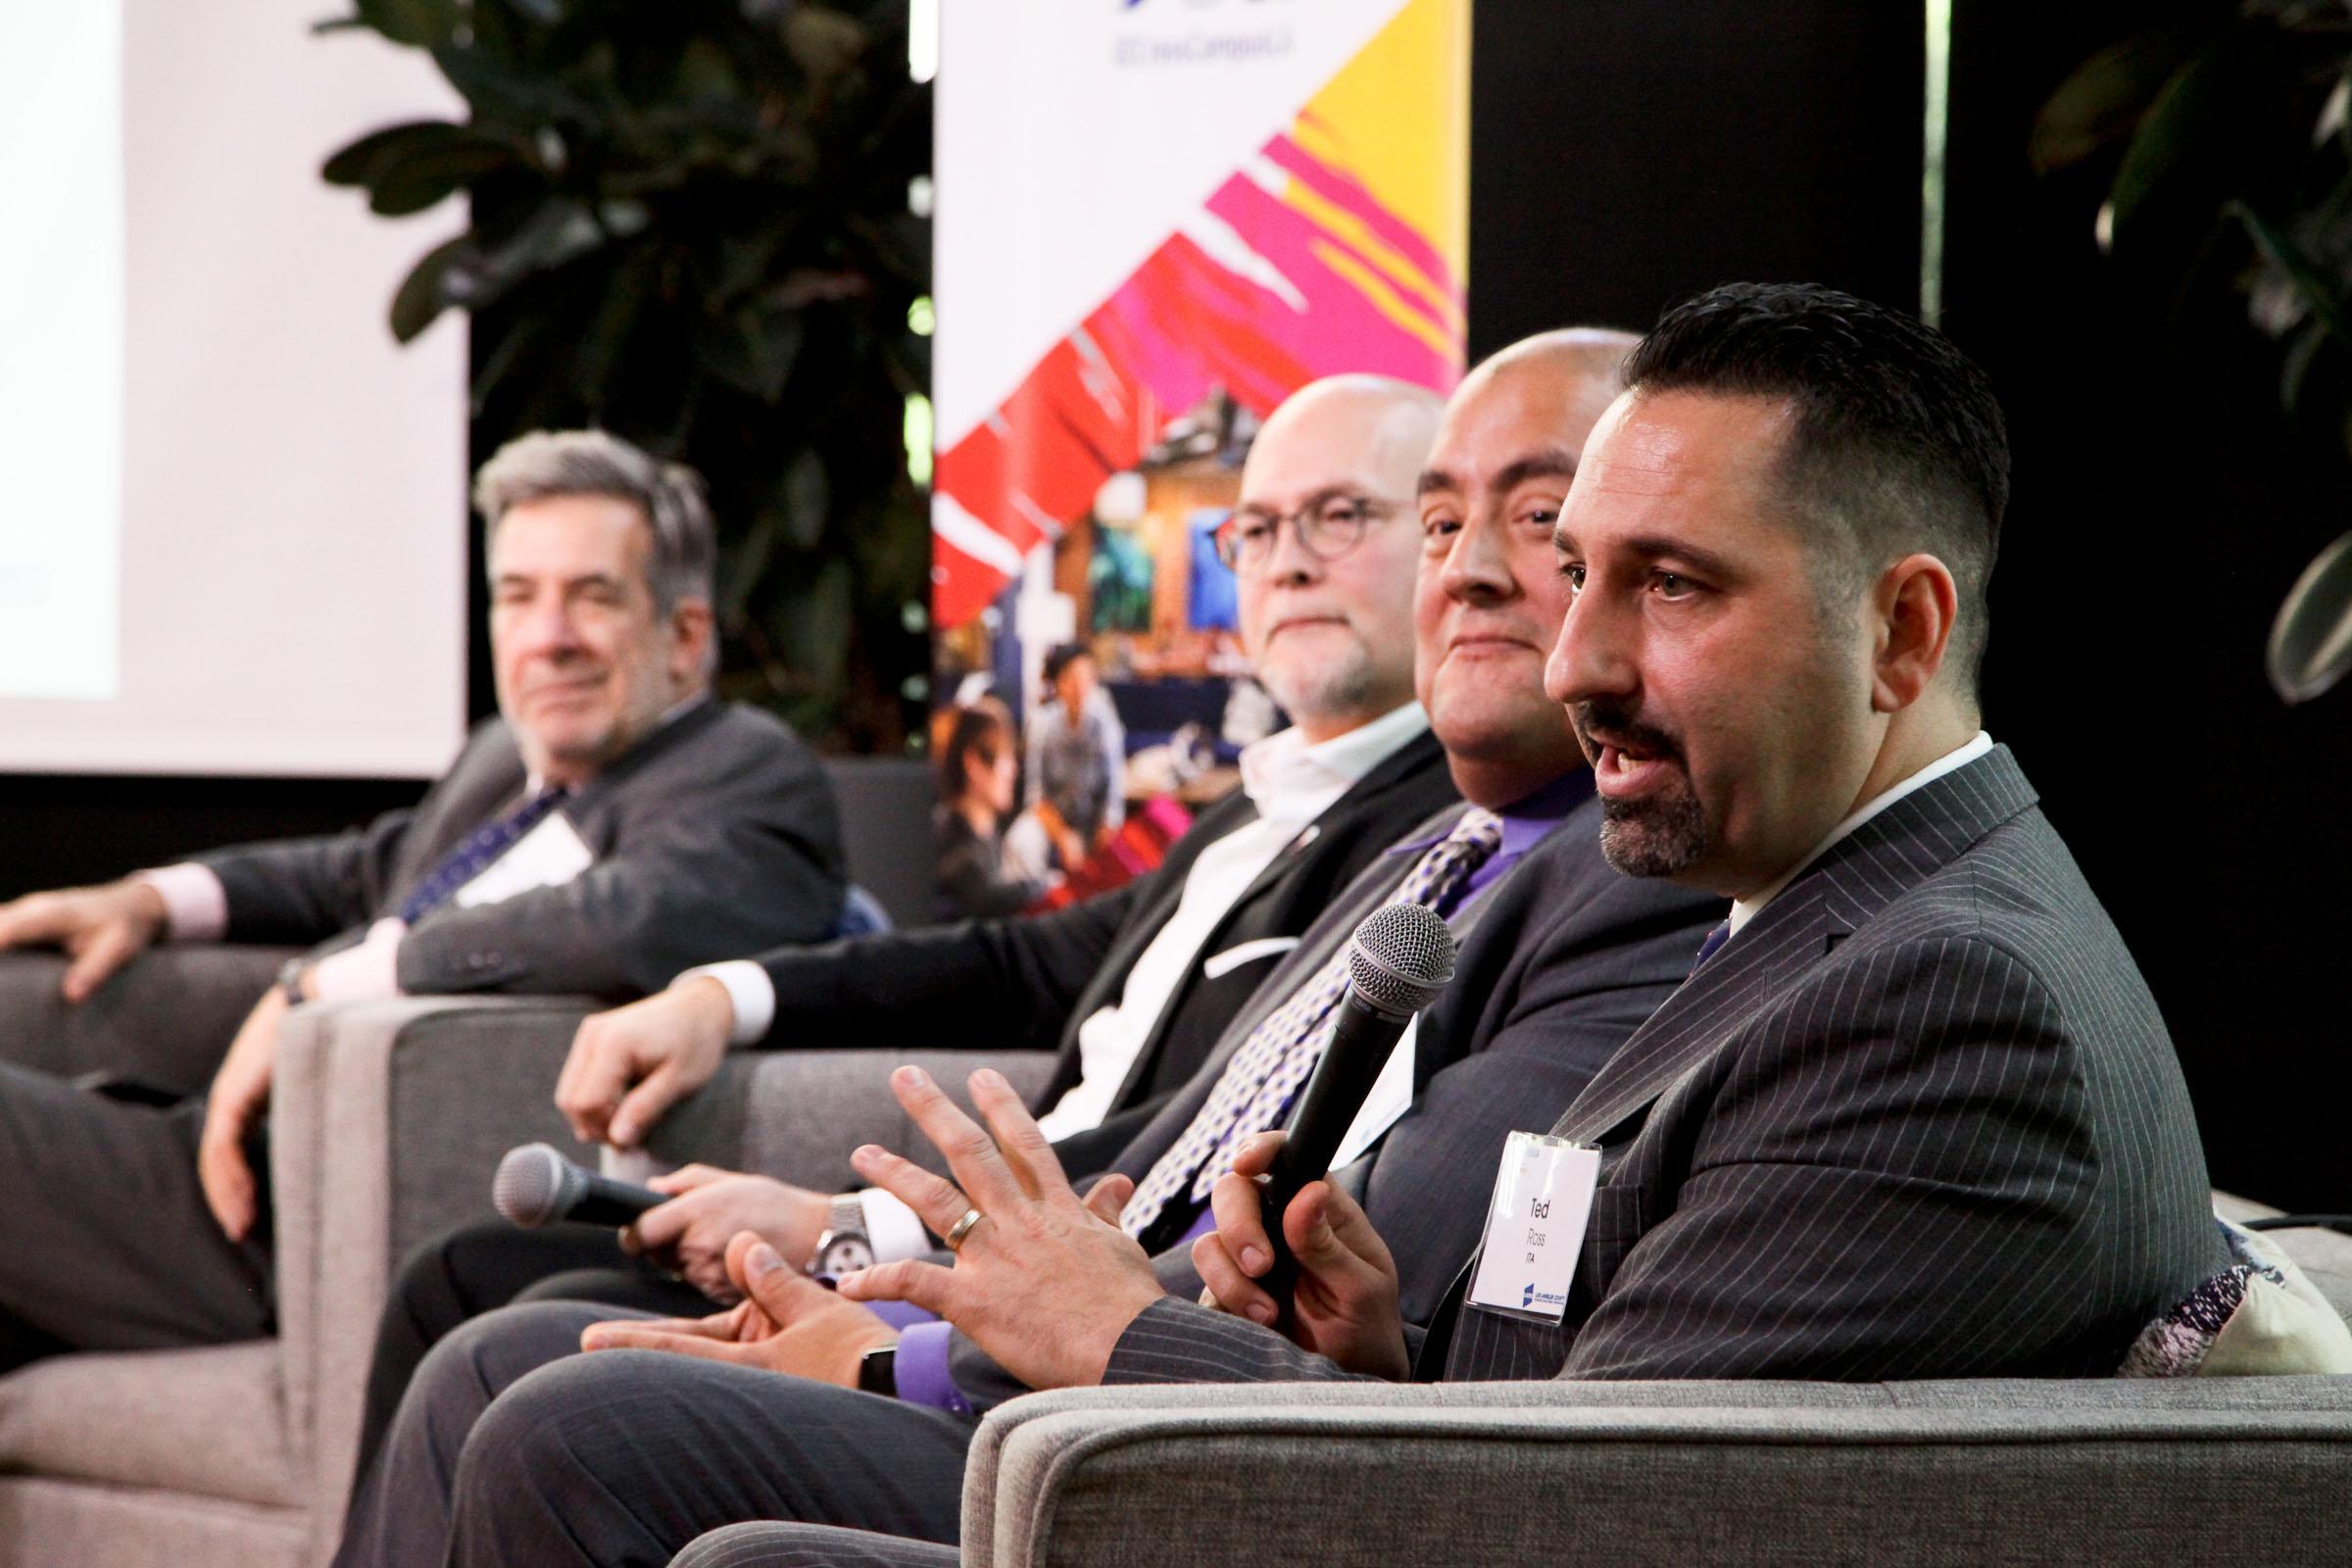 Recap of Future Forum: The Future of Smart Cities 1/23/18